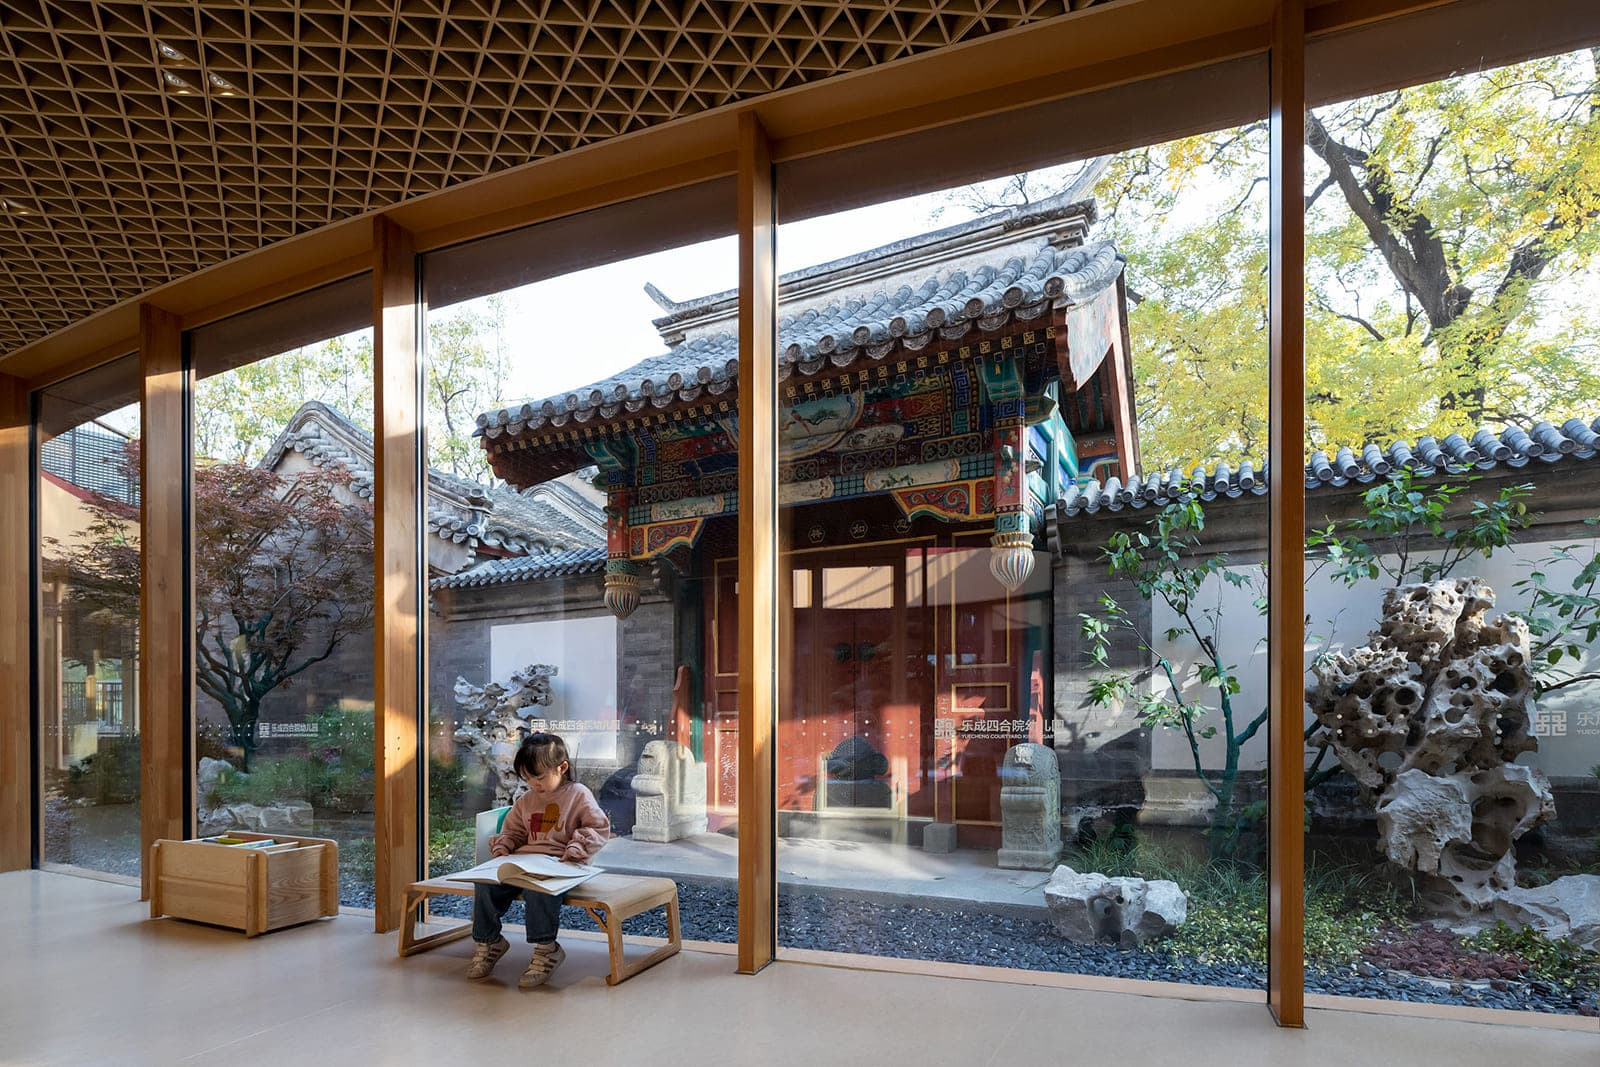 Yuecheng Courtyard Kindergarten  - 13 Iwan Baan 65